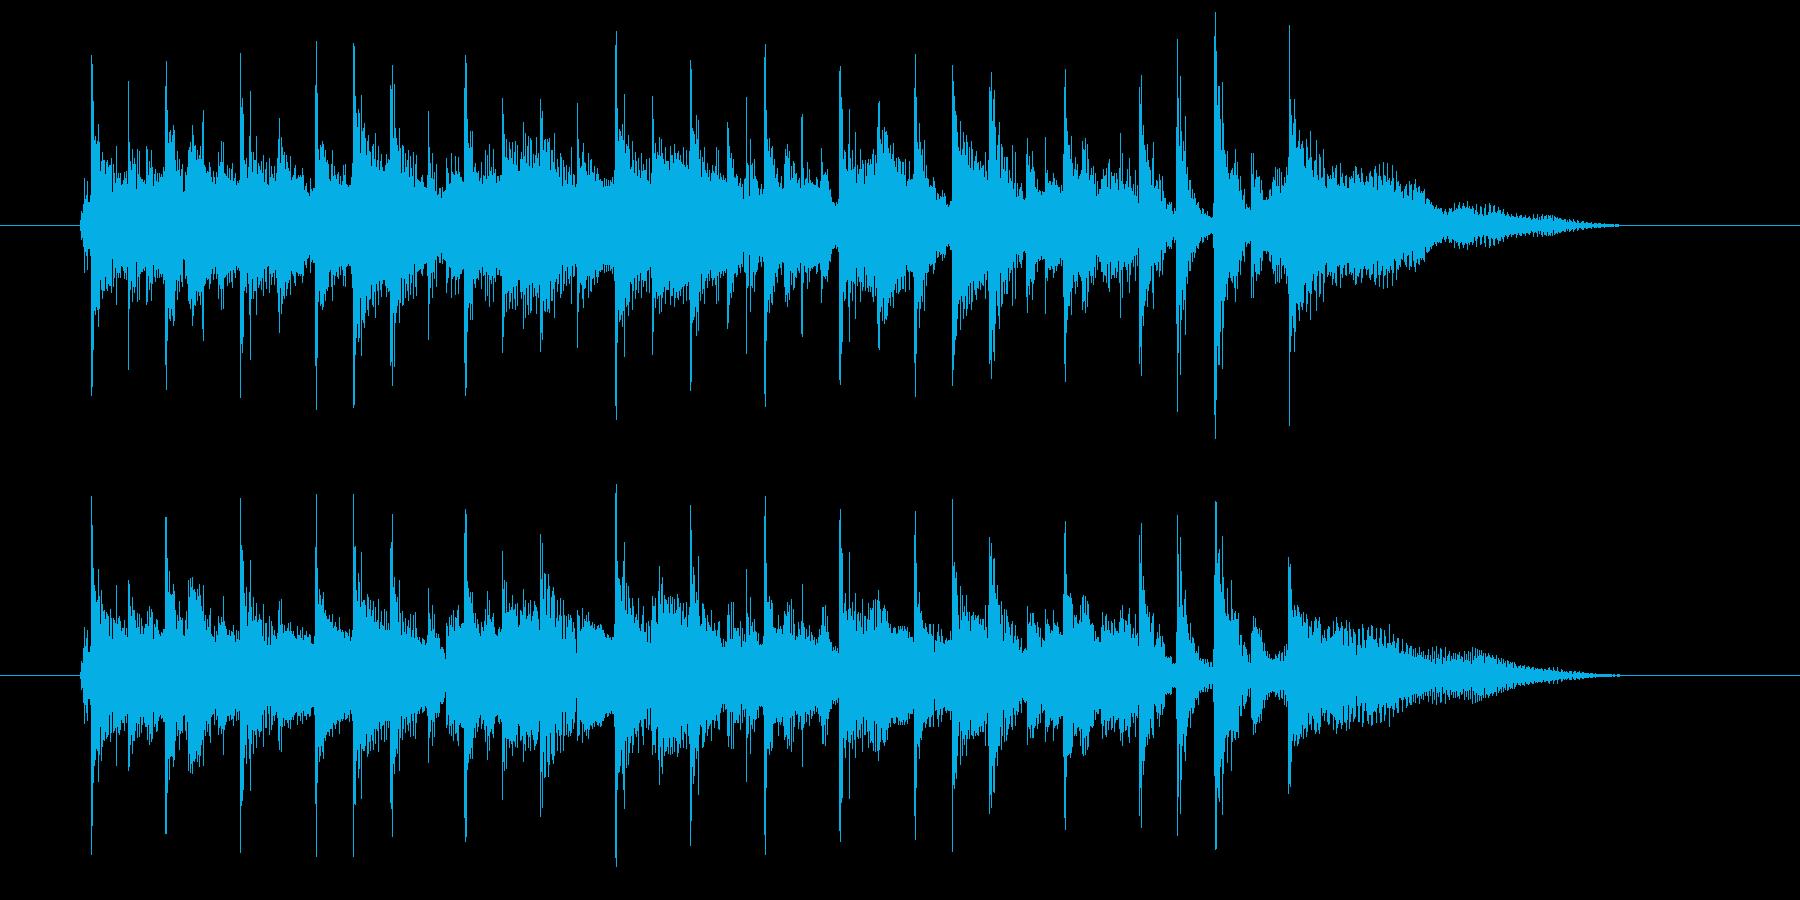 シンセとパーカッションが明るいBGMの再生済みの波形